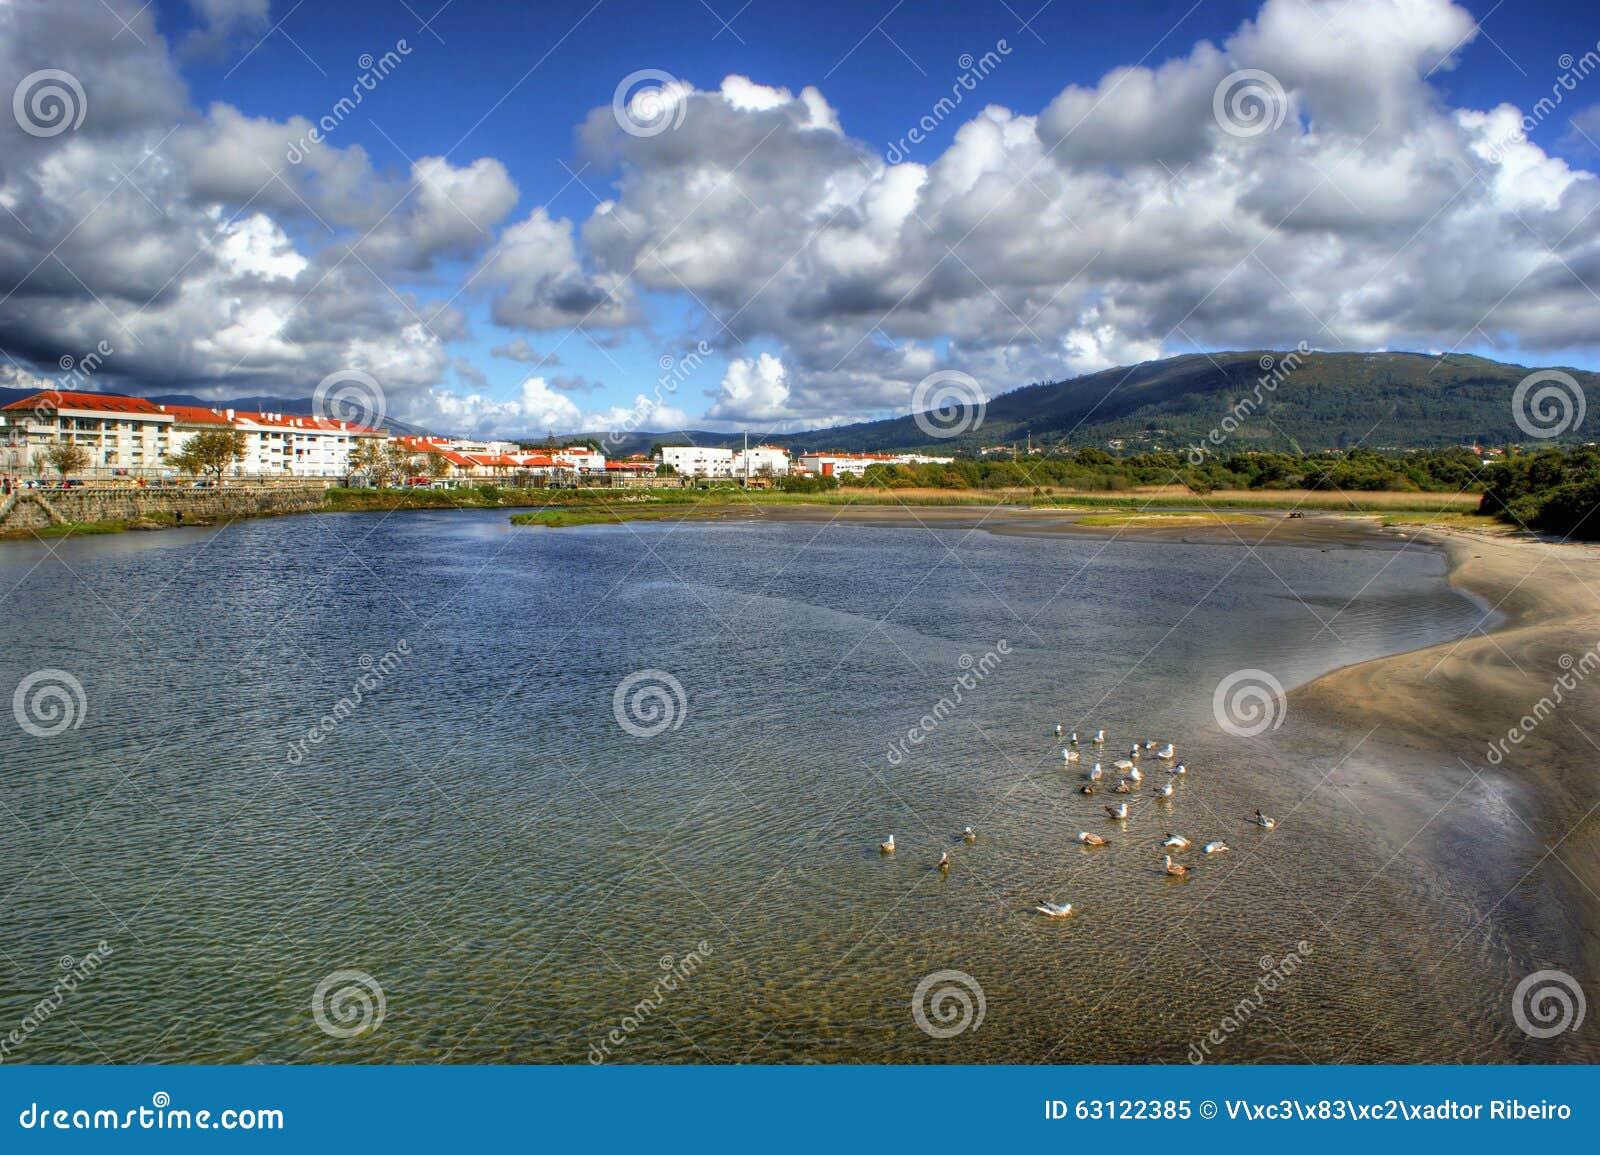 River scenery in Vila Praia de Ancora